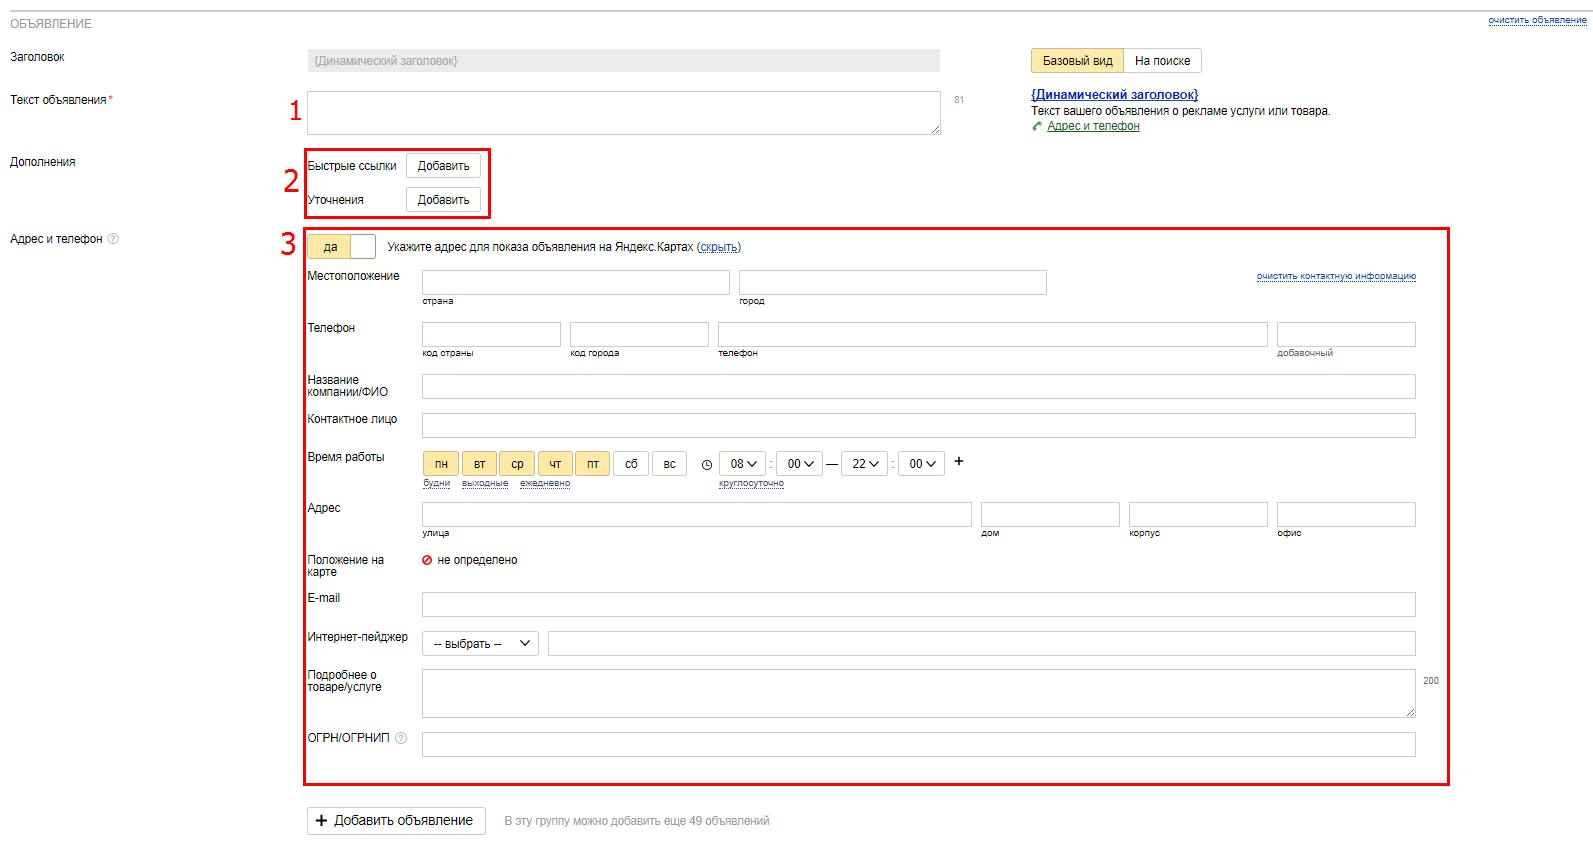 Как настраивать динамические объявления для Яндекс.Директ